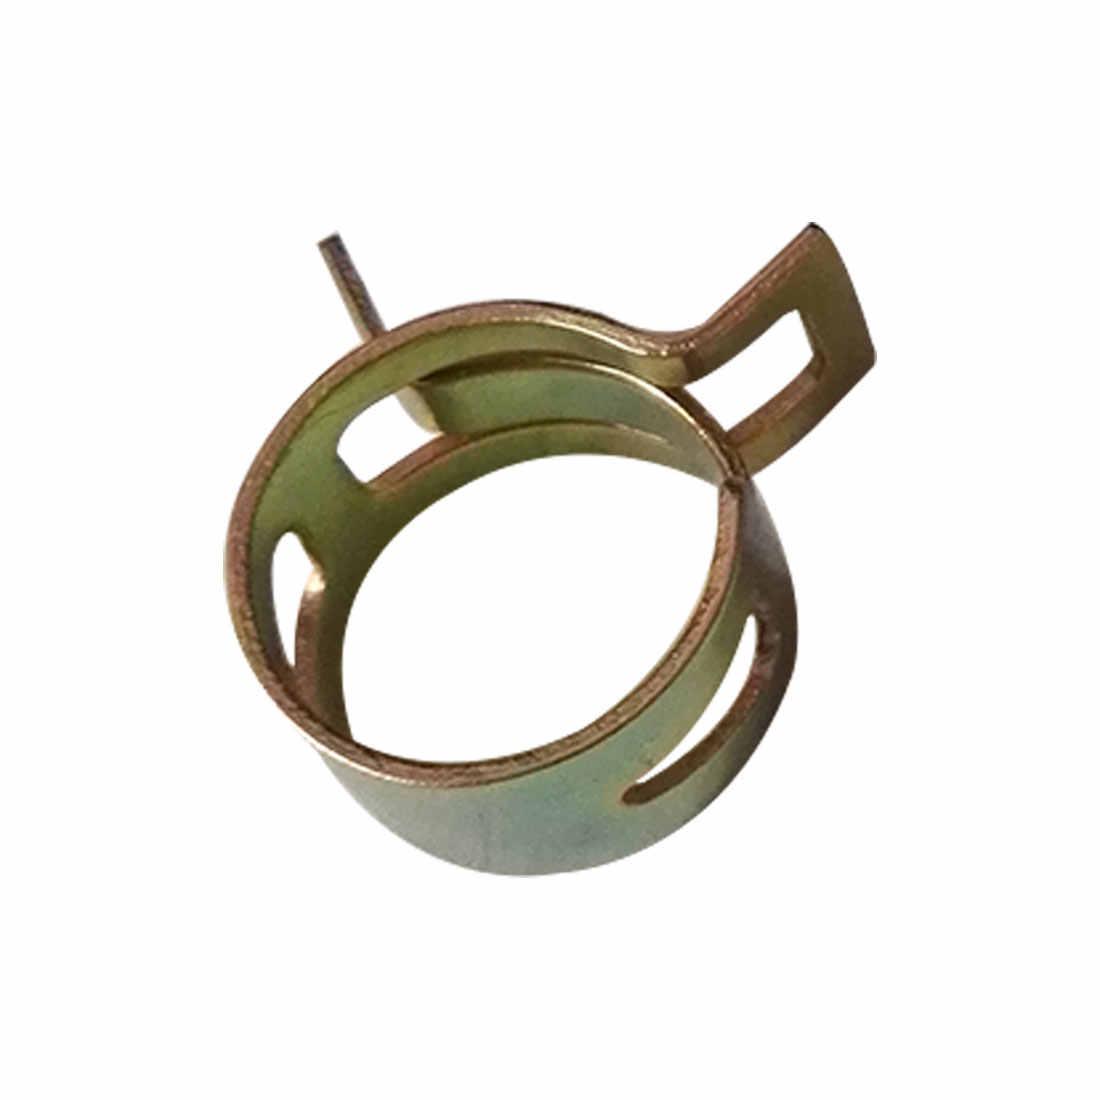 טוב! איכות 10Pcs 6-15mm אביב להקת סוג דלק צינור ואקום סיליקון צינור צינור קלאמפ קליפ רצפת מחיר